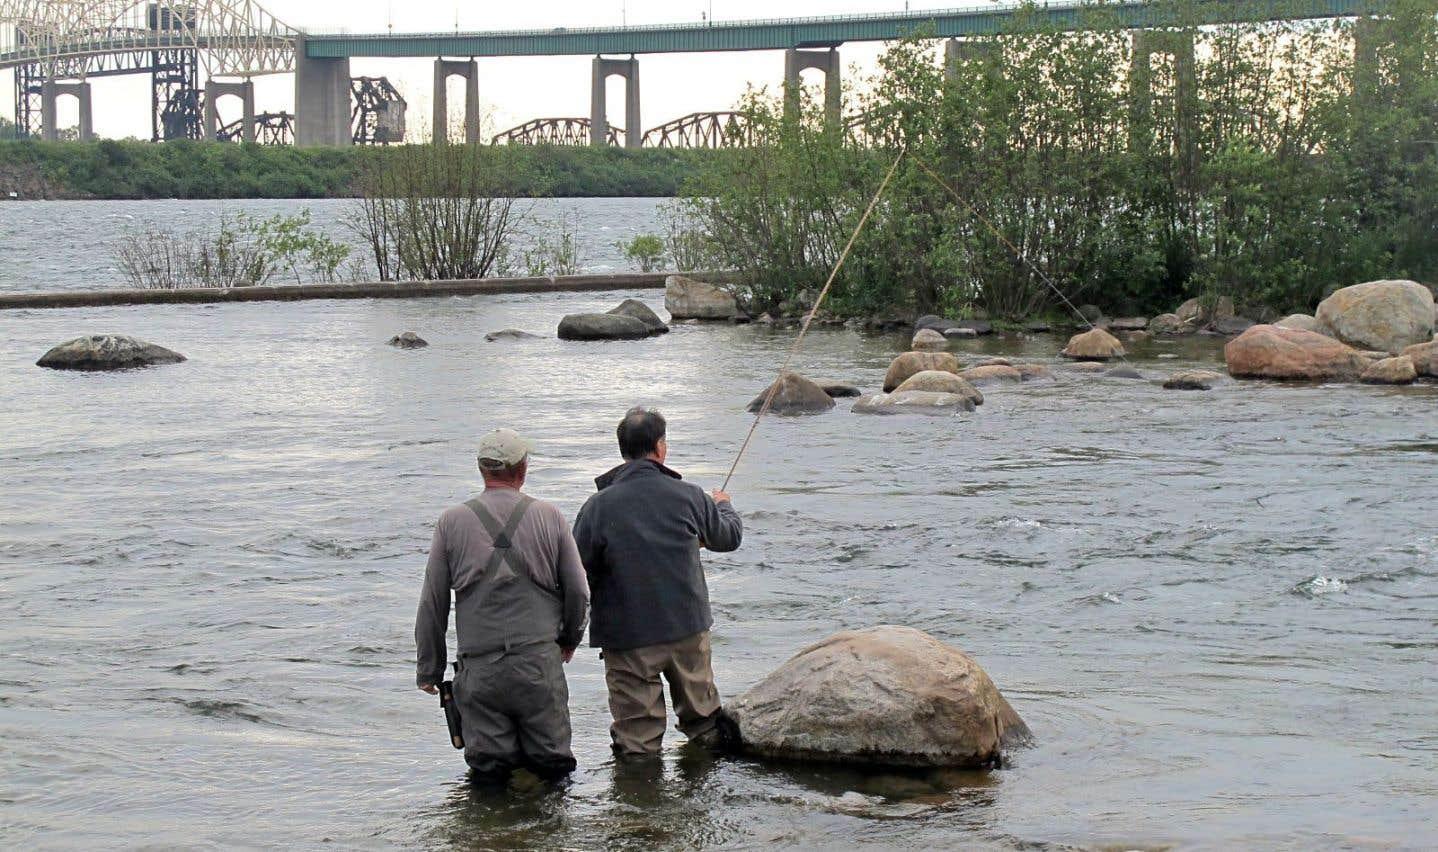 Notre journaliste apprend les rudiments de la pêche à la mouche dans les rapides de Sault Ste. Marie, devant le pont qui mène aux États-Unis.